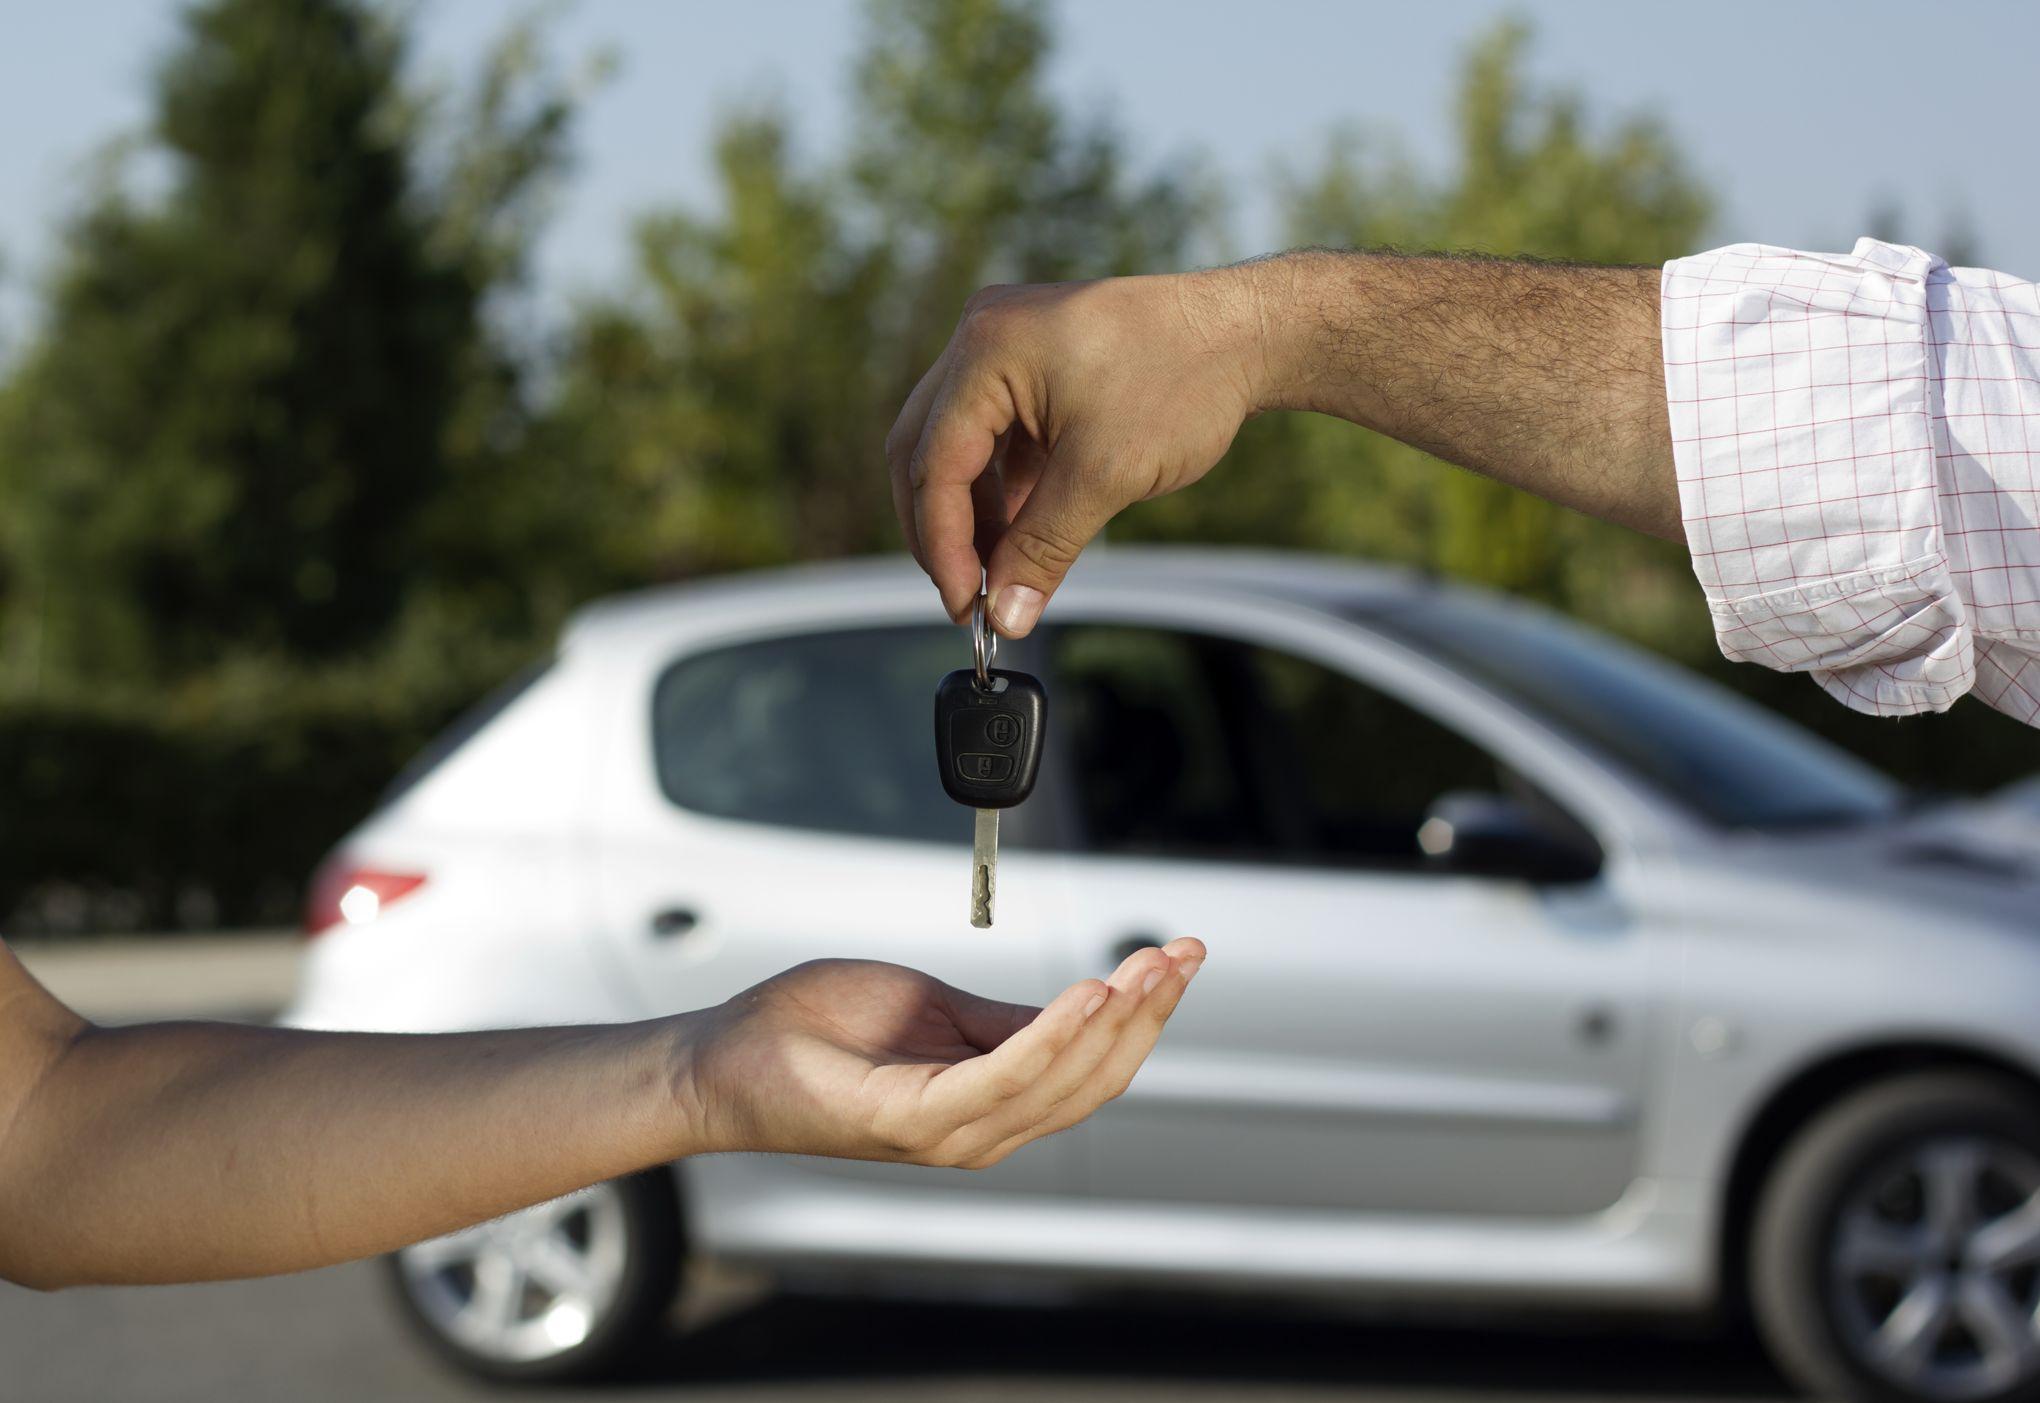 Cae venta de autos en México por sexto mes consecutivo